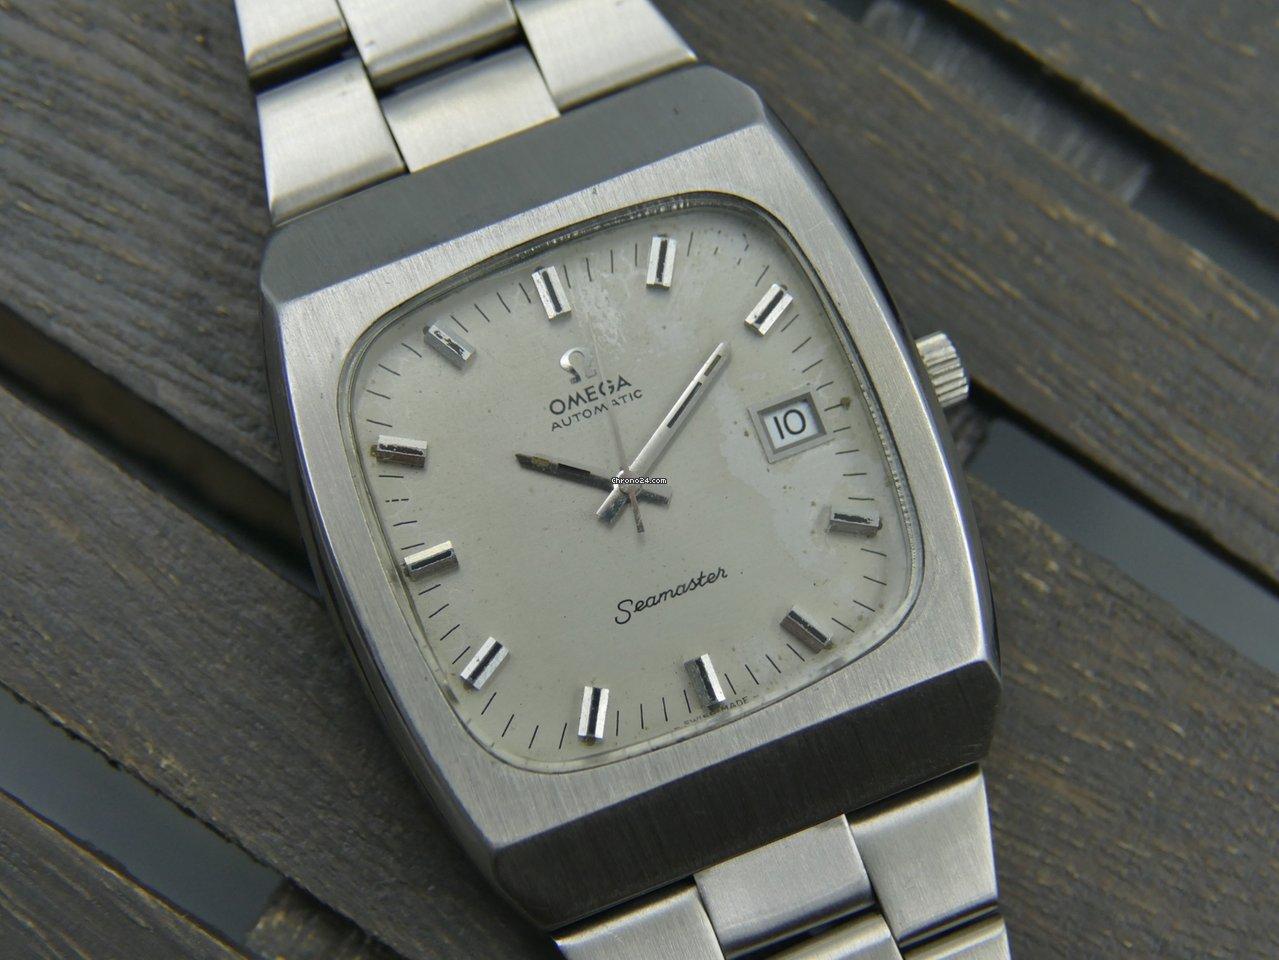 e8a2fd1ed5a Relógios Omega Seamaster usados